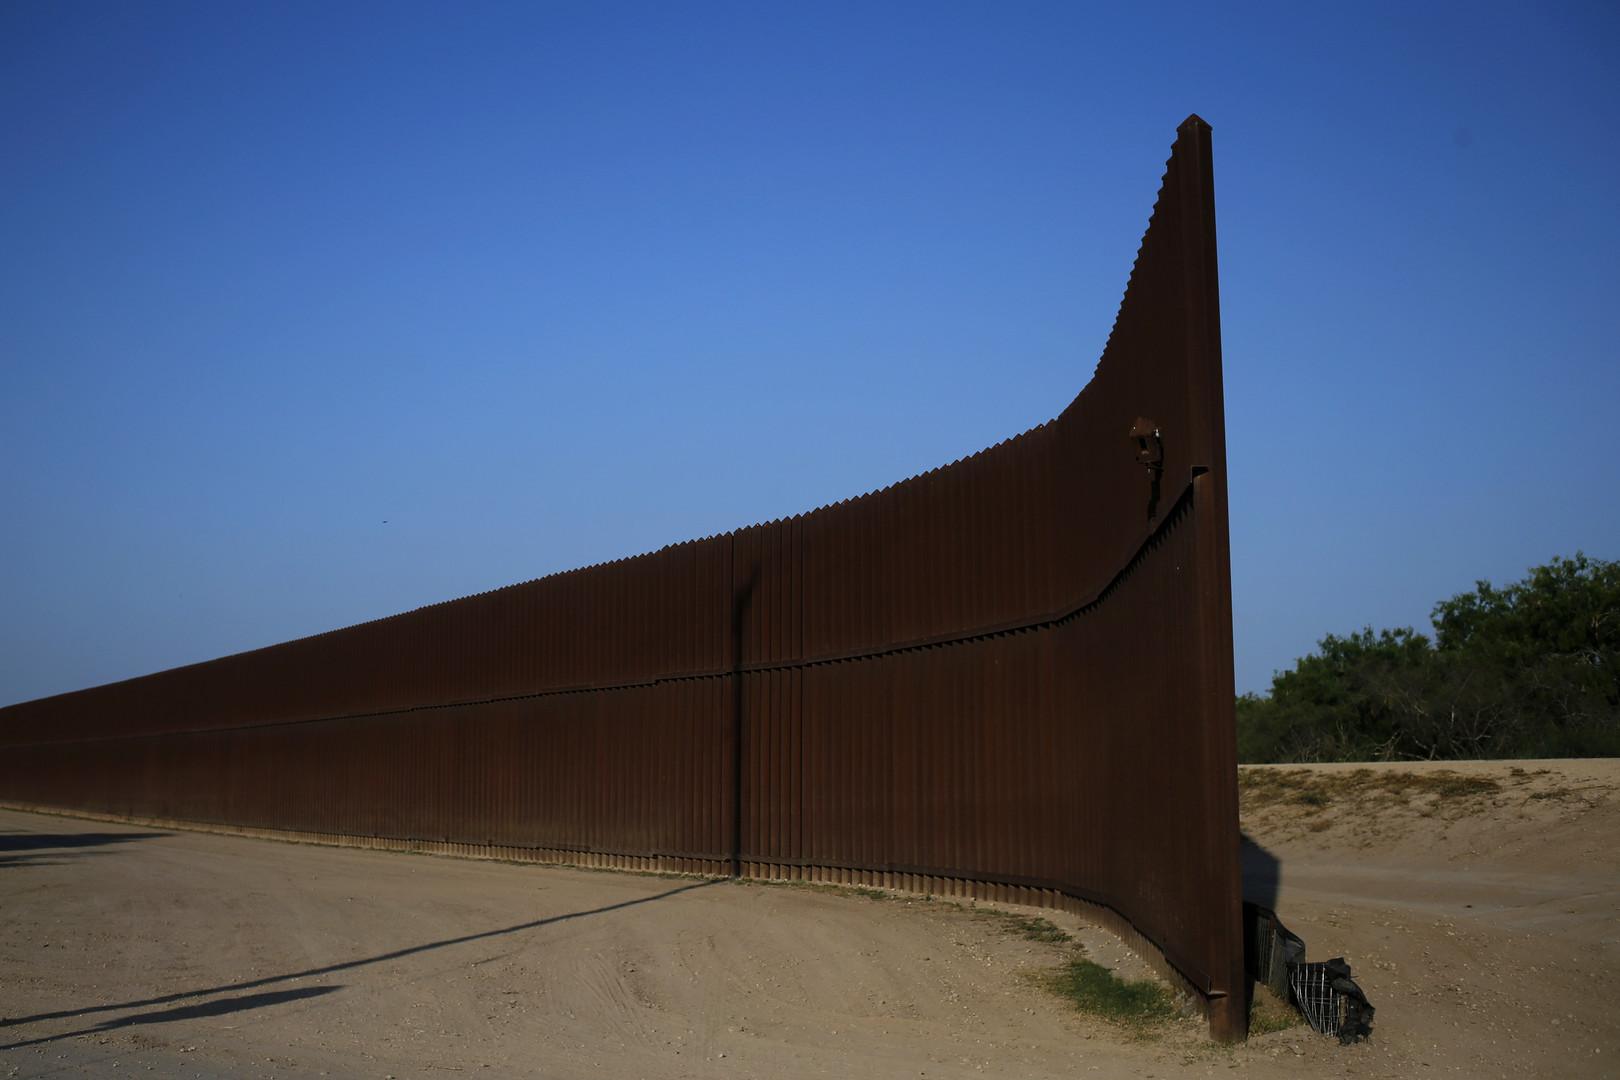 Mauer für Mauer Zaun für Zaun So grenzt sich Welt ab